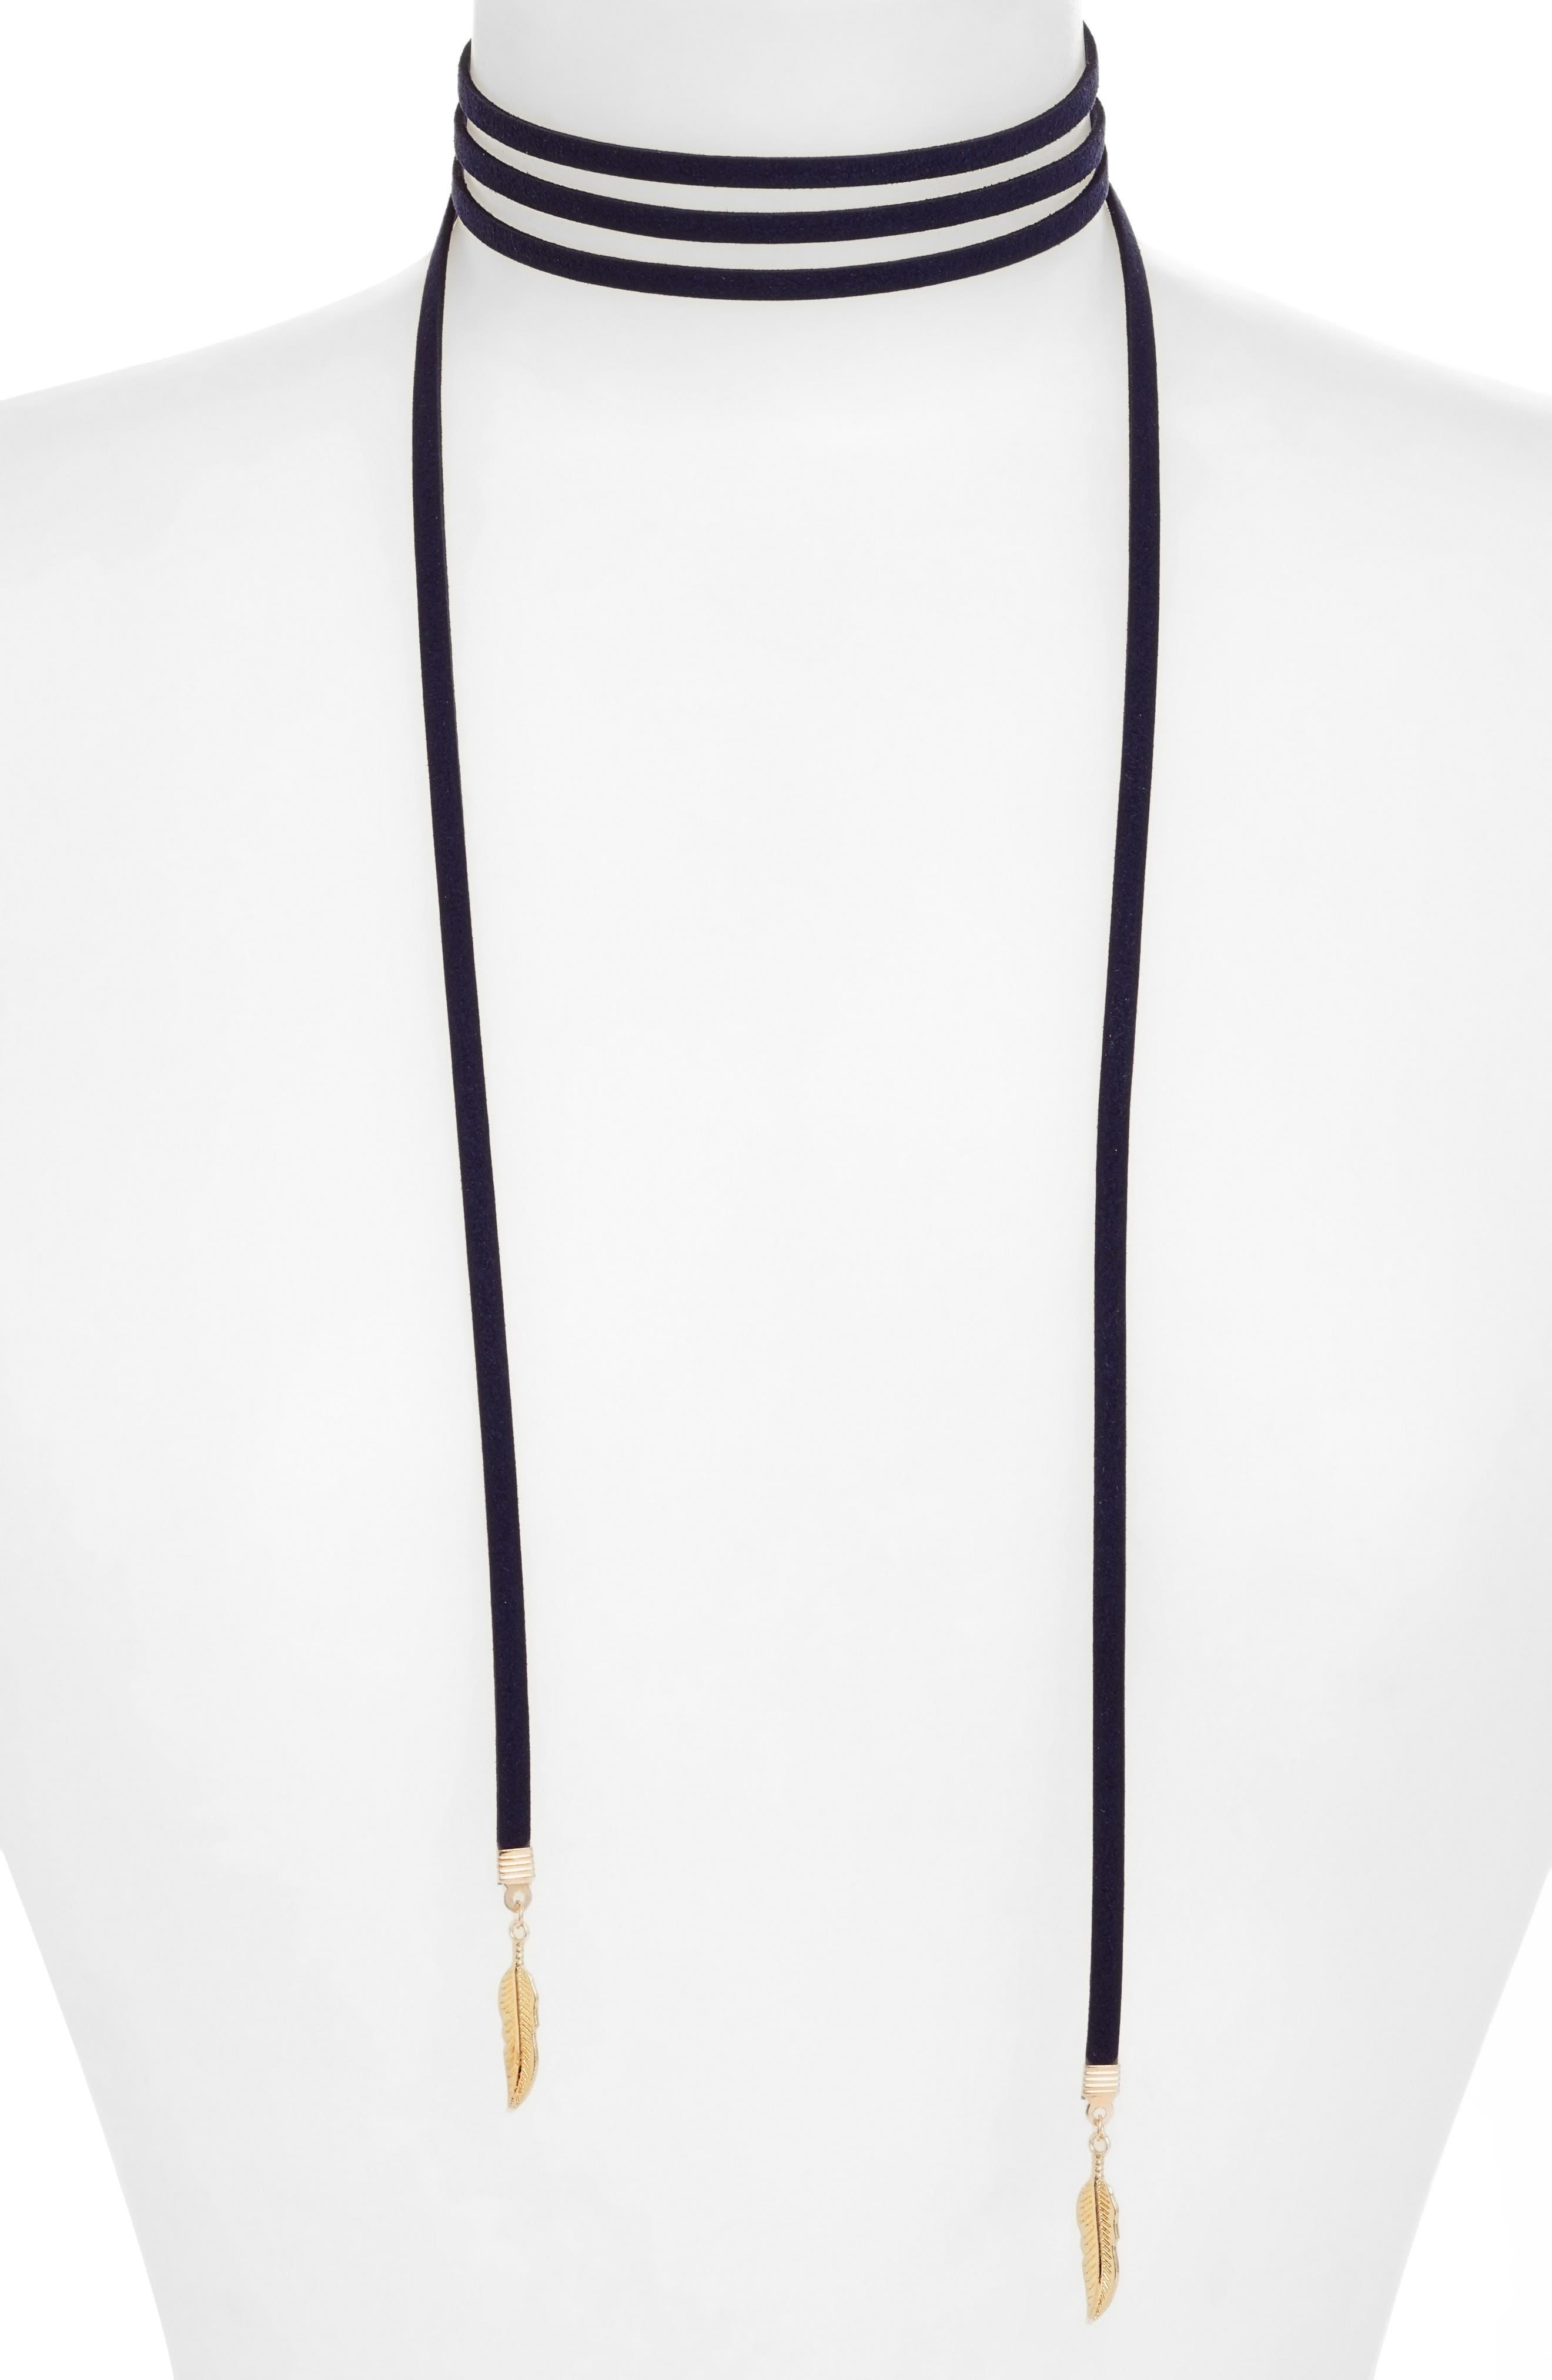 Kale Wrap Choker Necklace,                             Main thumbnail 1, color,                             710